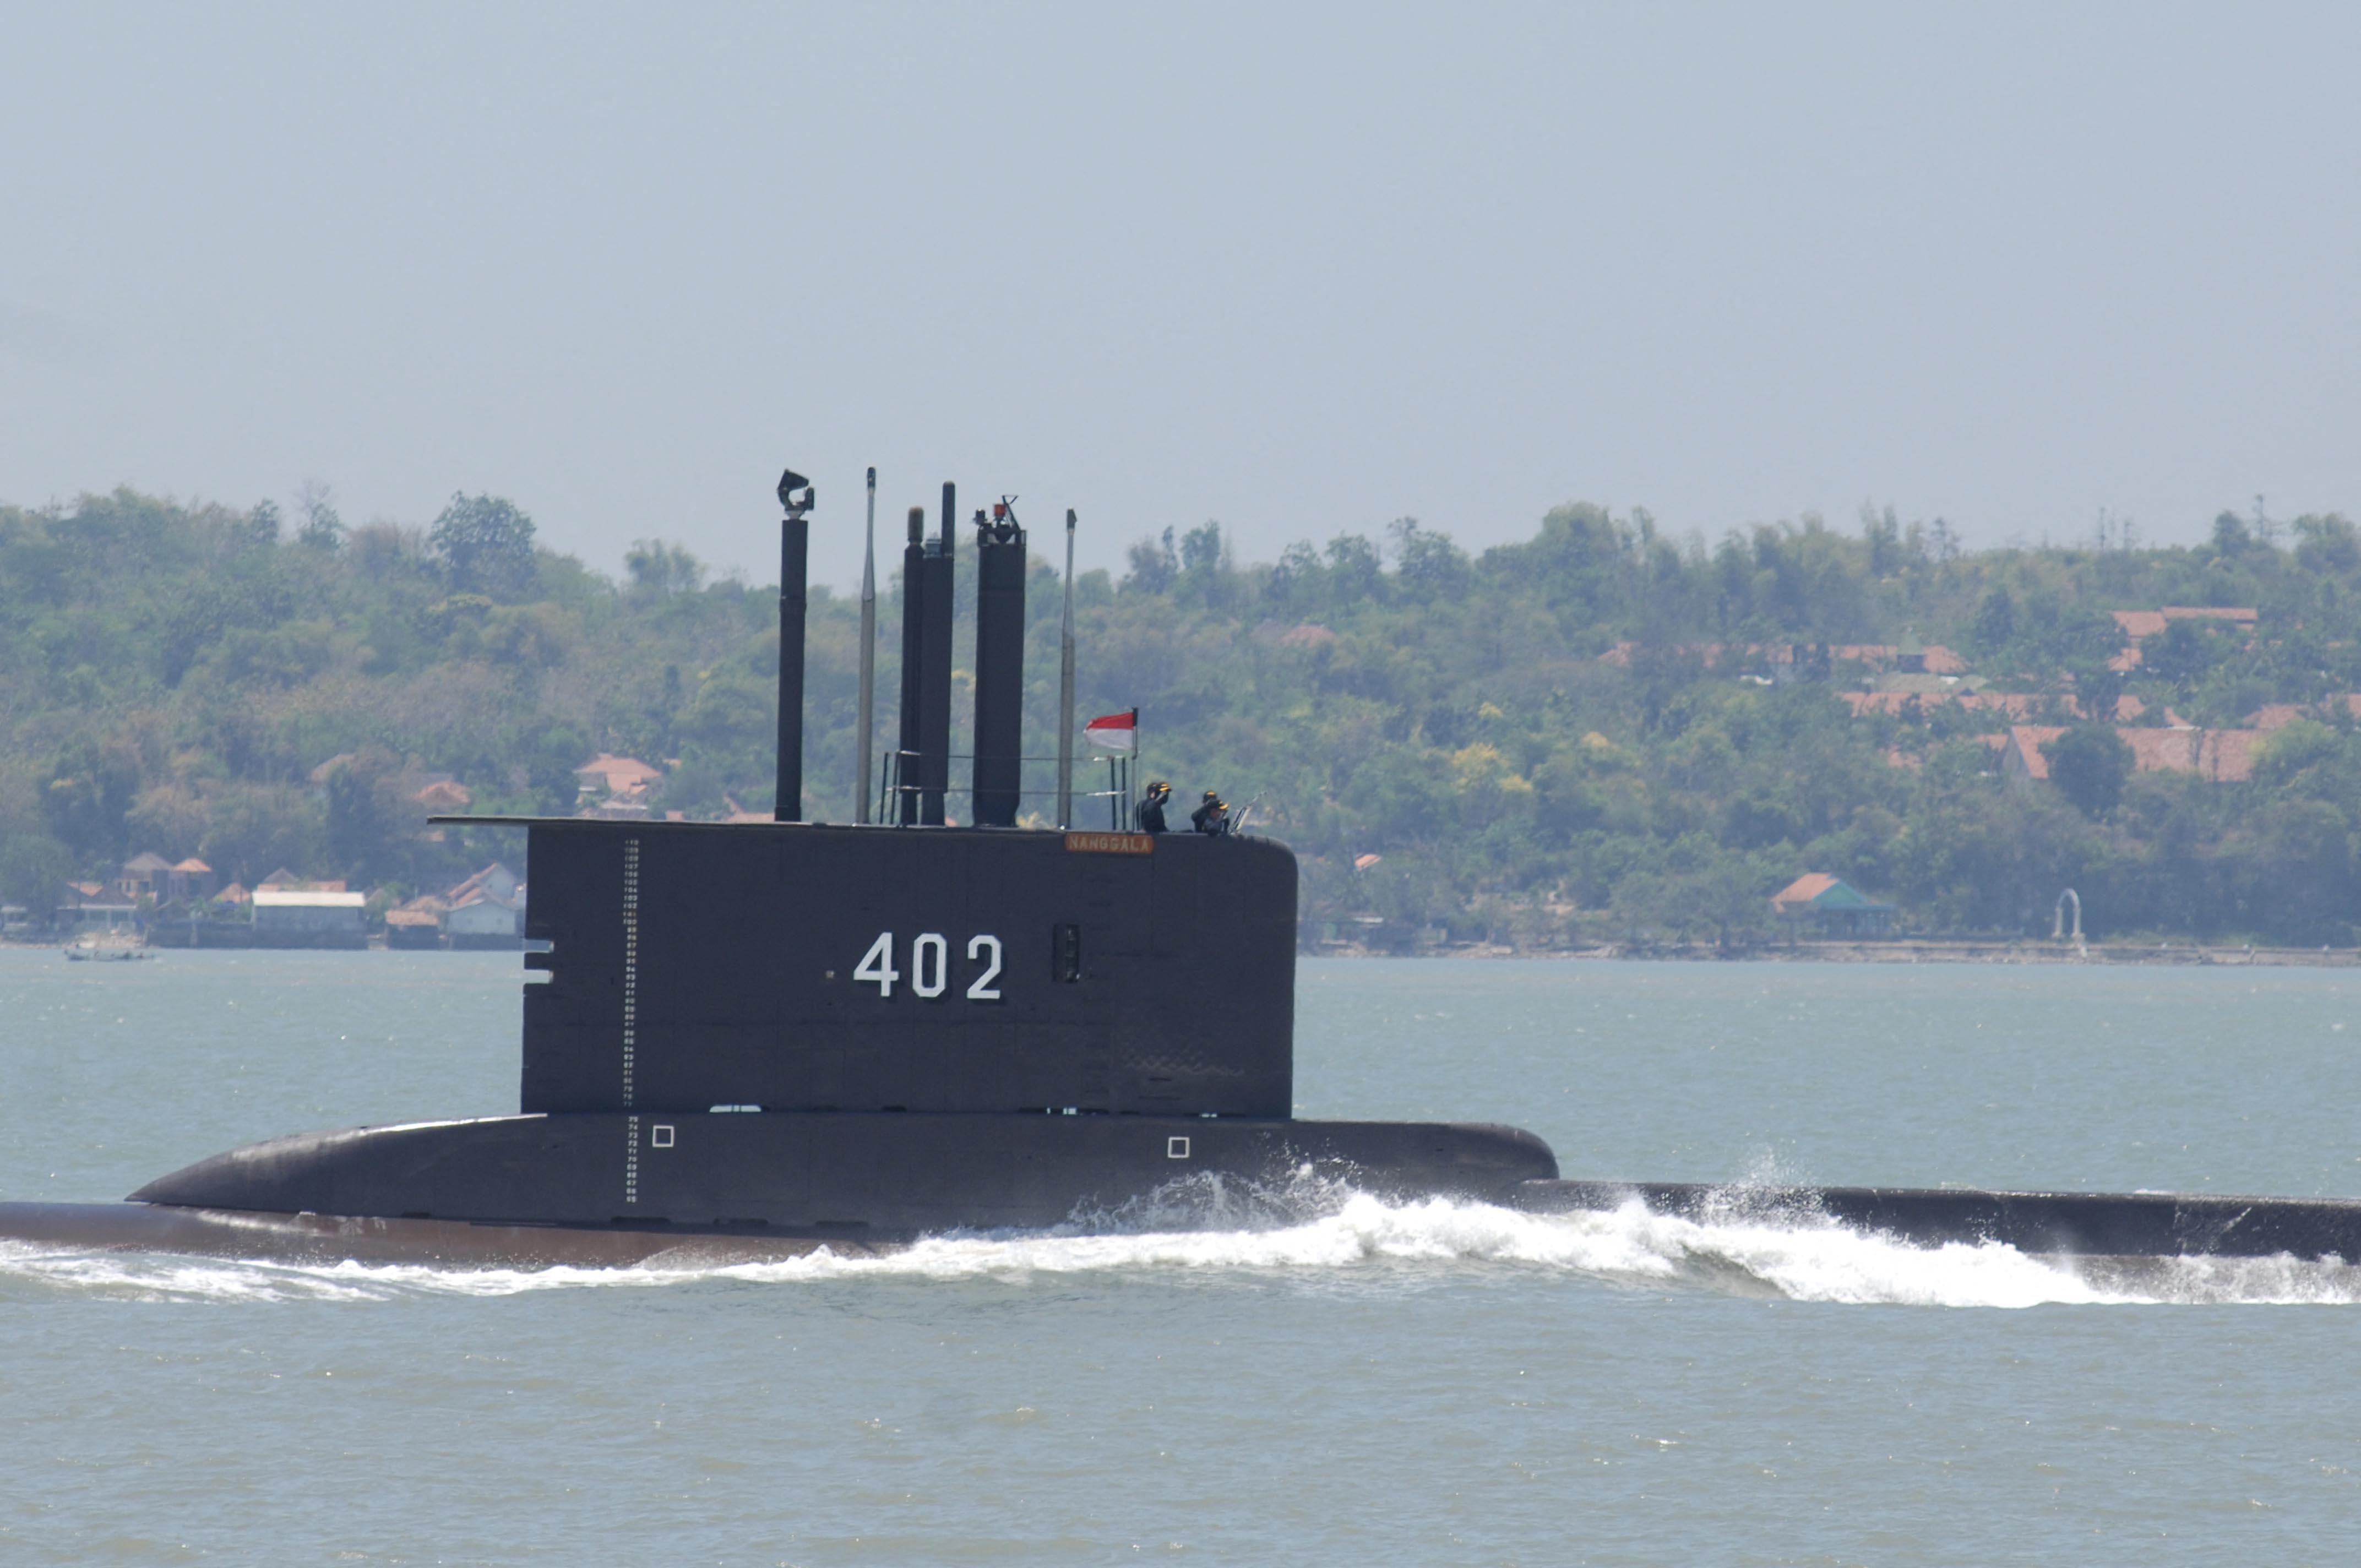 Balitól északra eltűnt egy tengeralattjáró 53 emberrel a fedélzetén